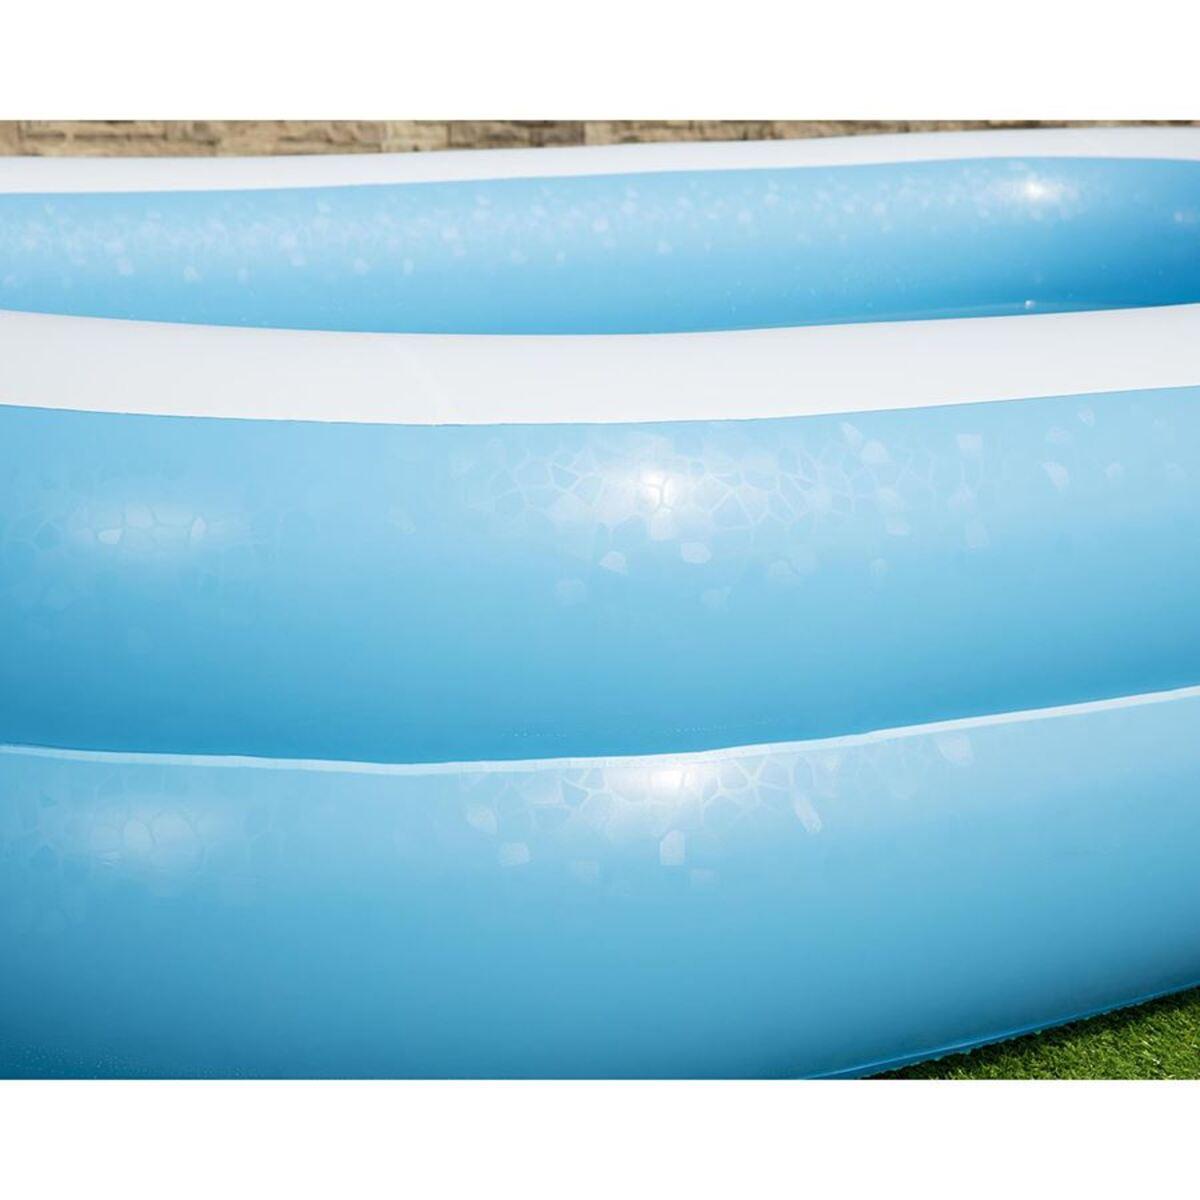 Bild 4 von Bestway #54006 Family Pool Blue 262x175x51cm